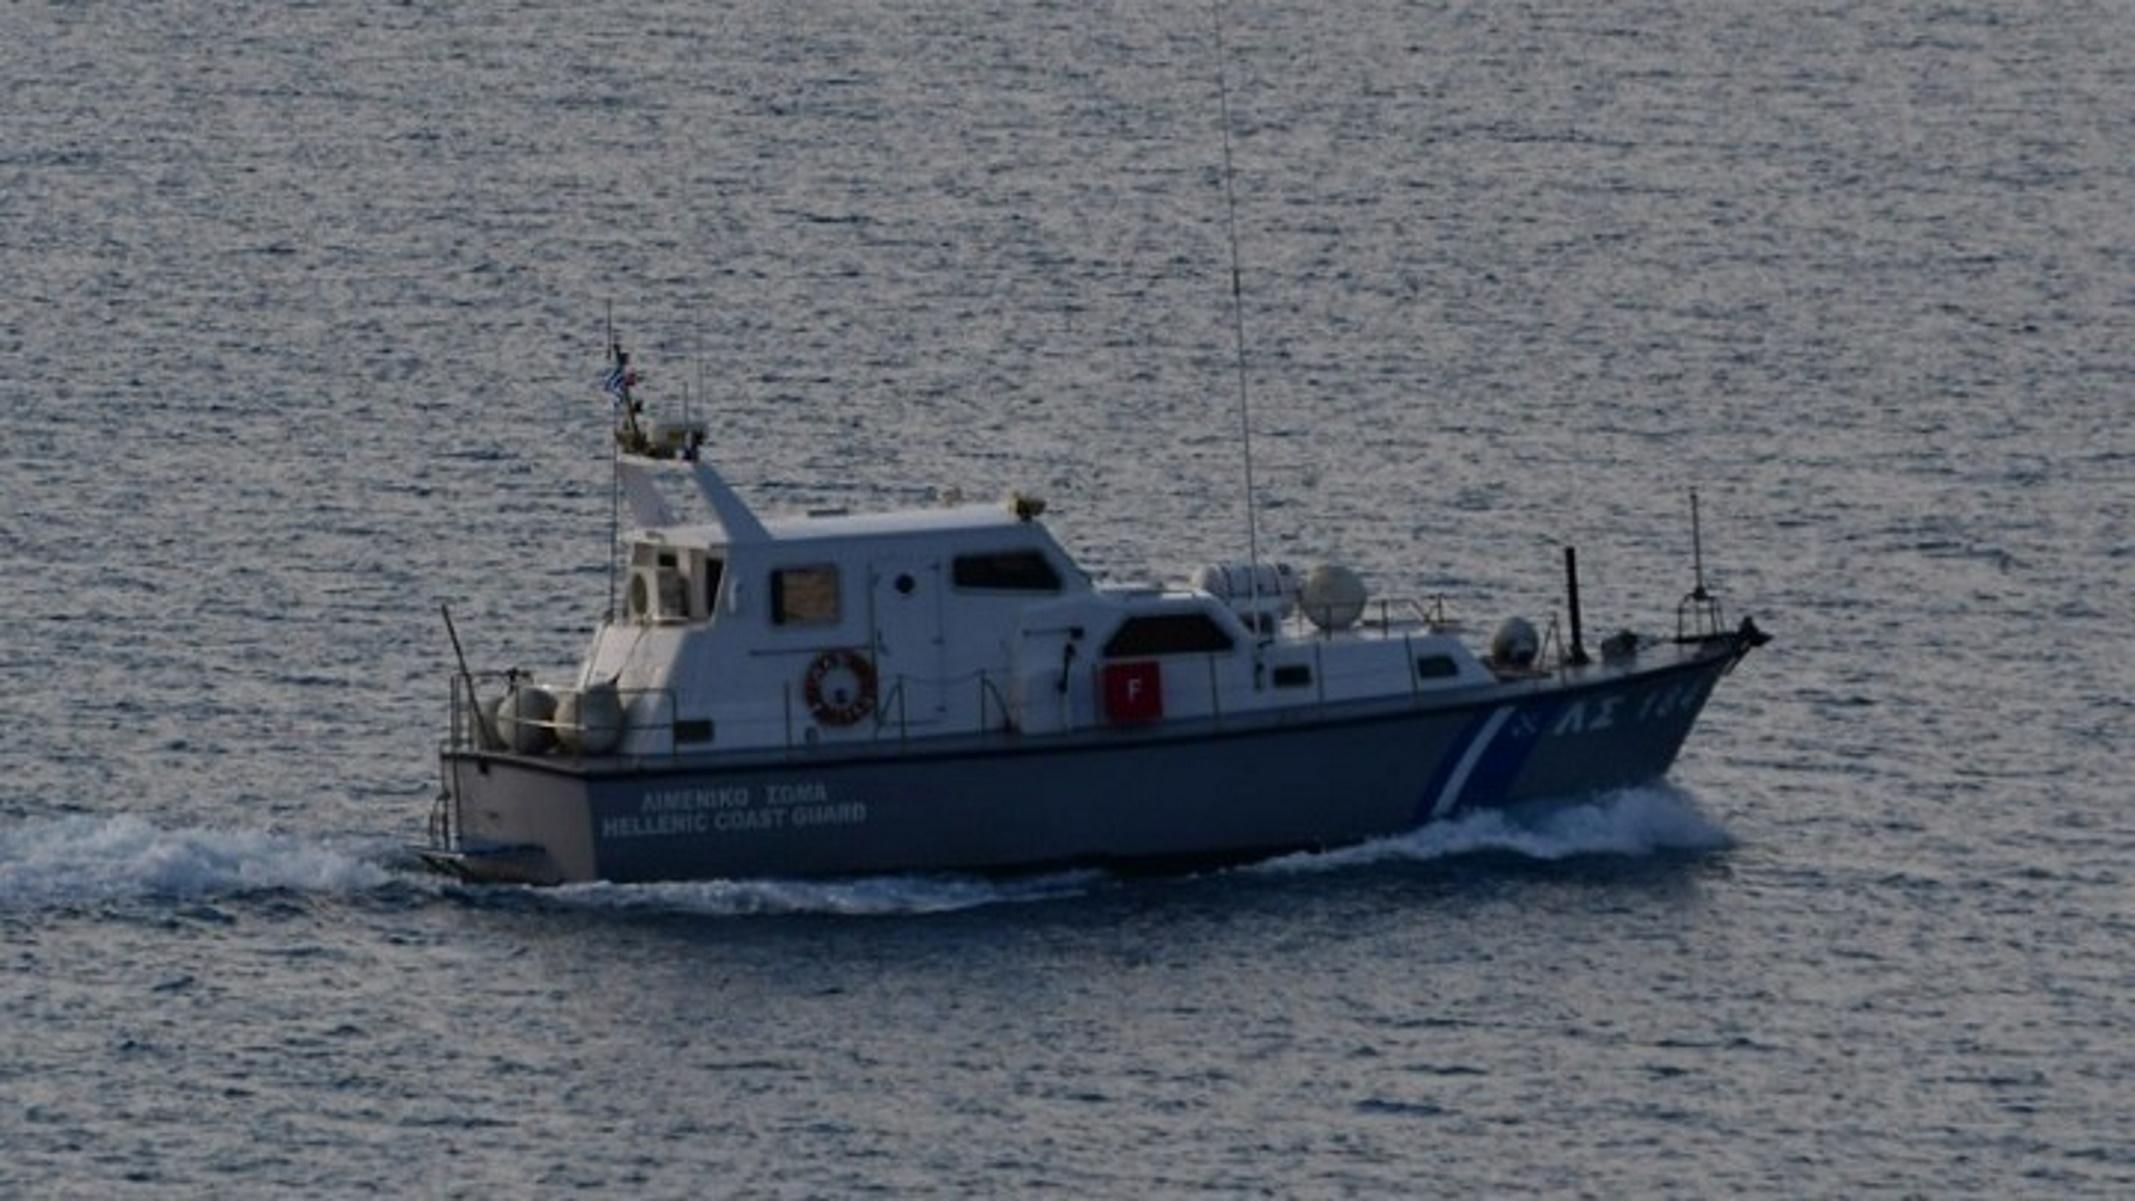 Ιερισσός: Βρέθηκε σώος ο ψαροντουφεκάς – Κινδυνεύει με σειρά προστίμων